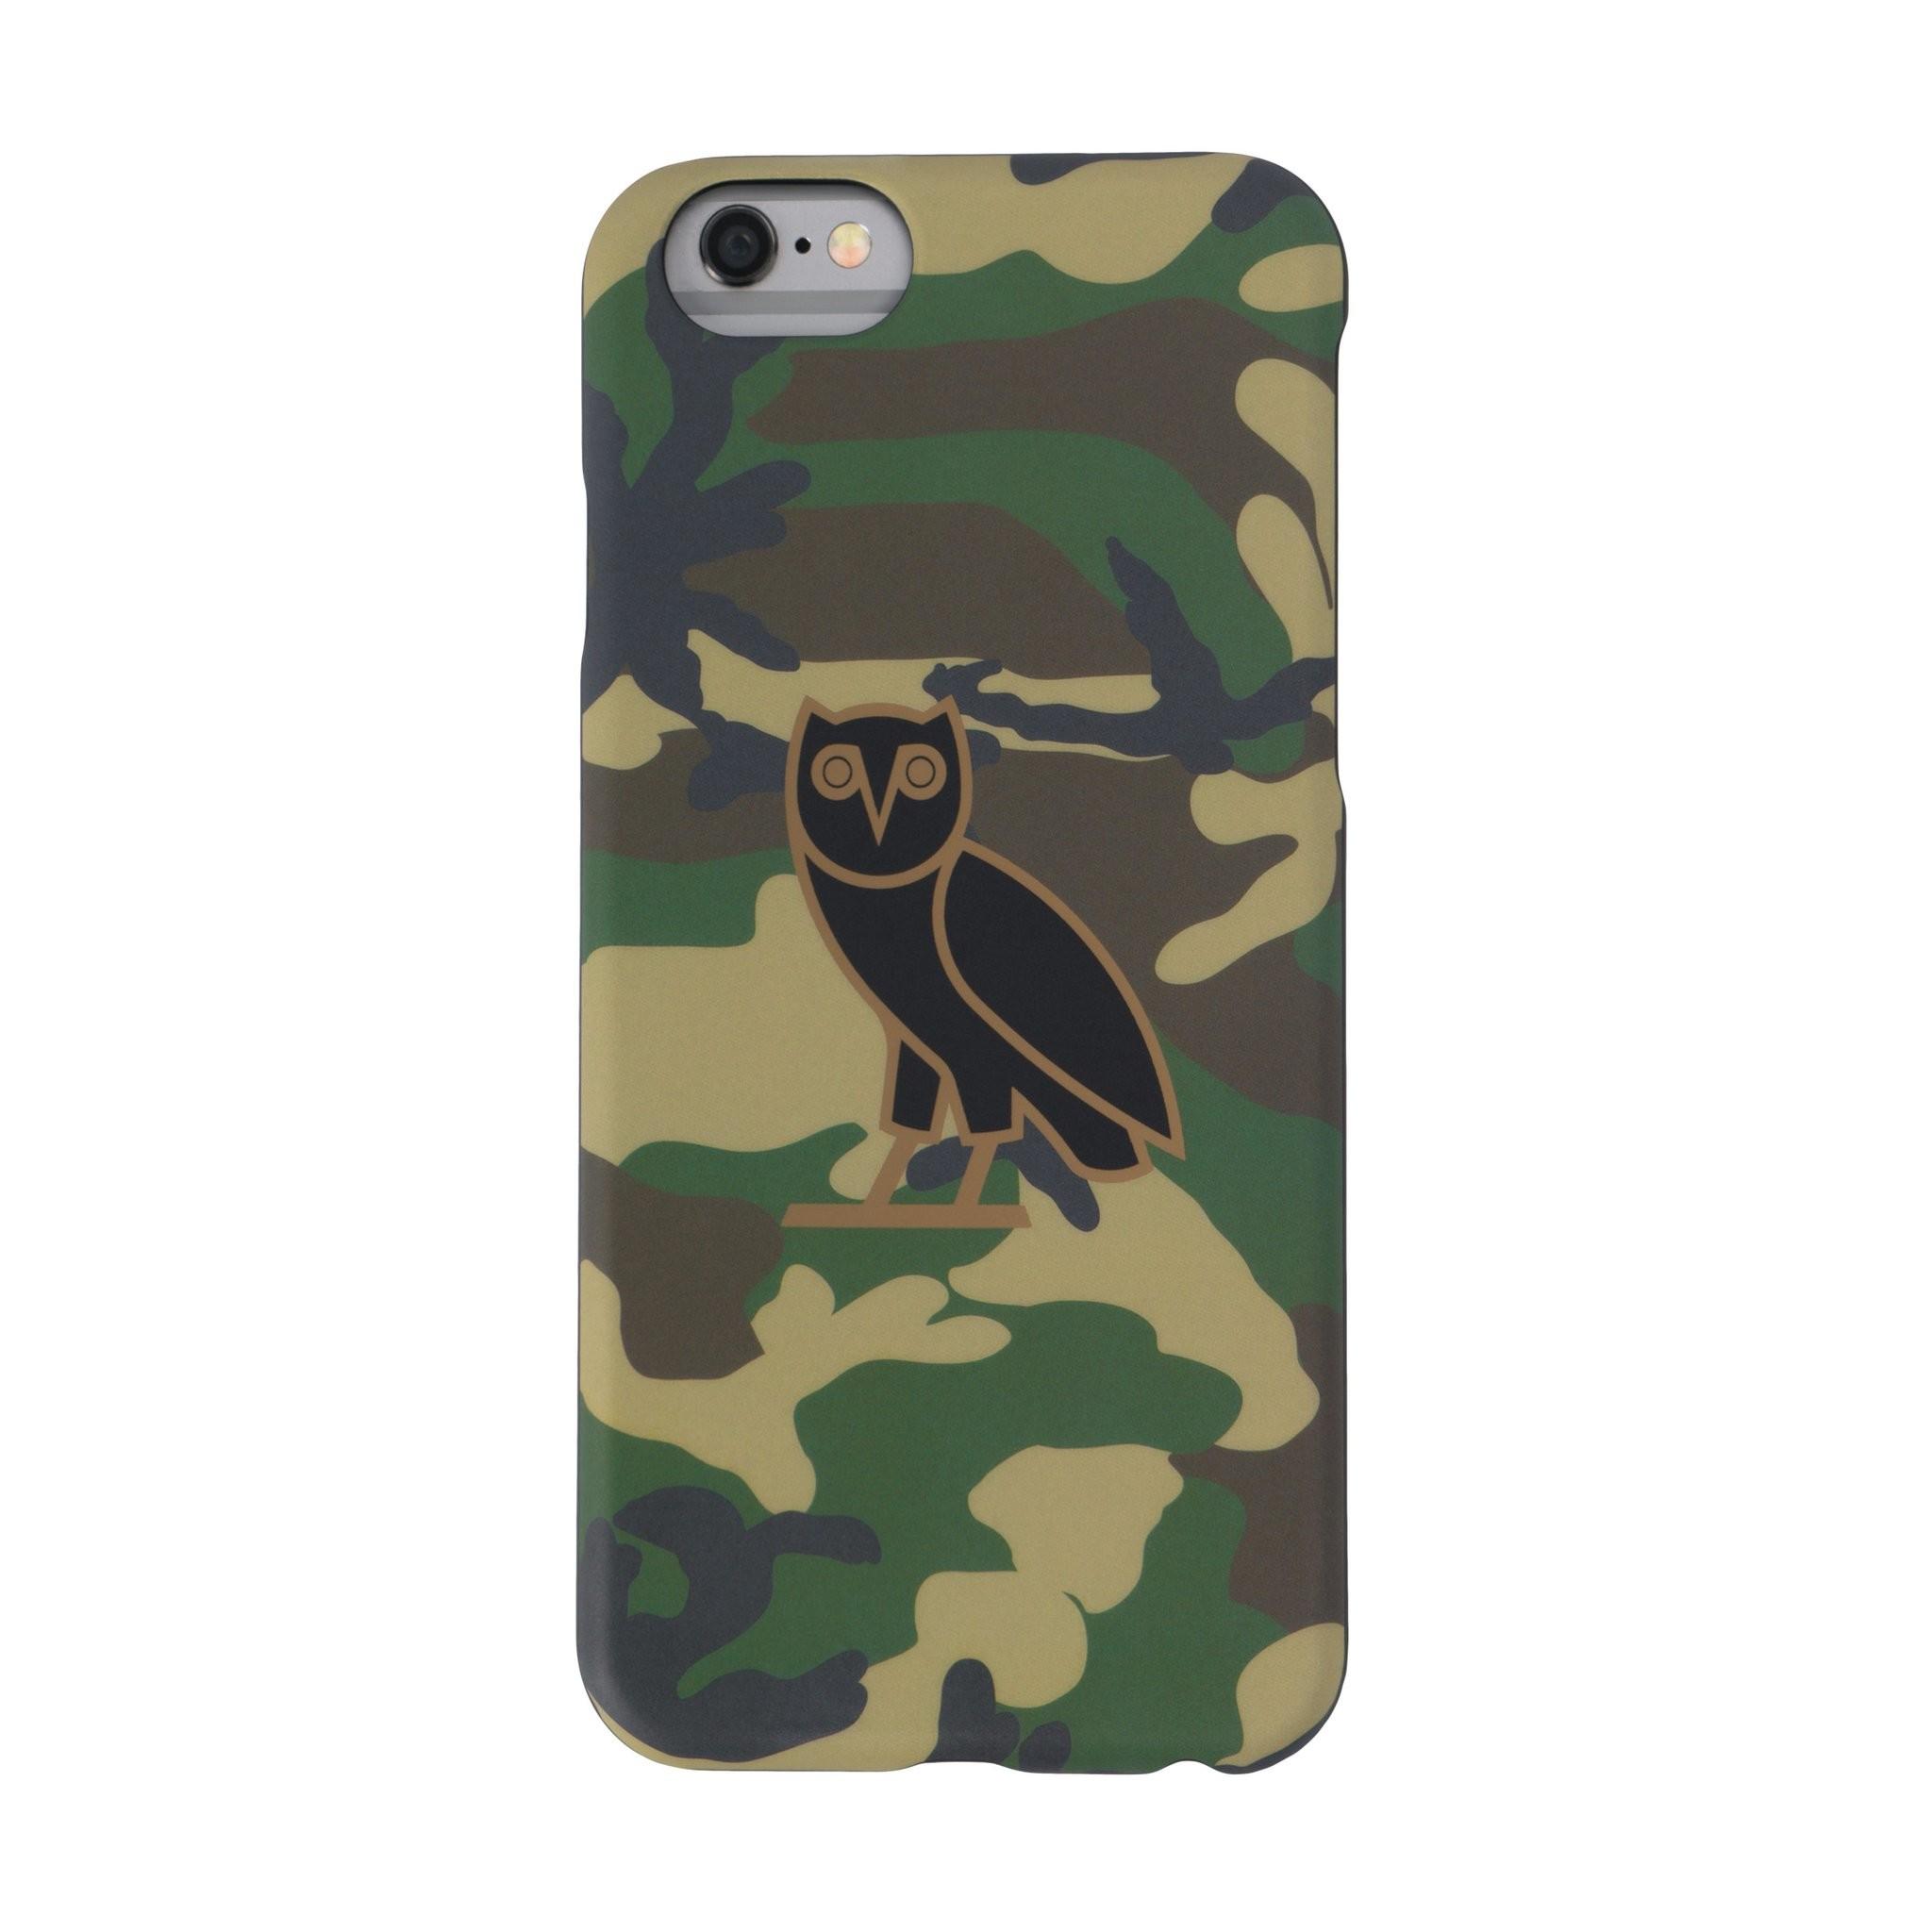 … OWL LOGO IPHONE CASE – CAMO …